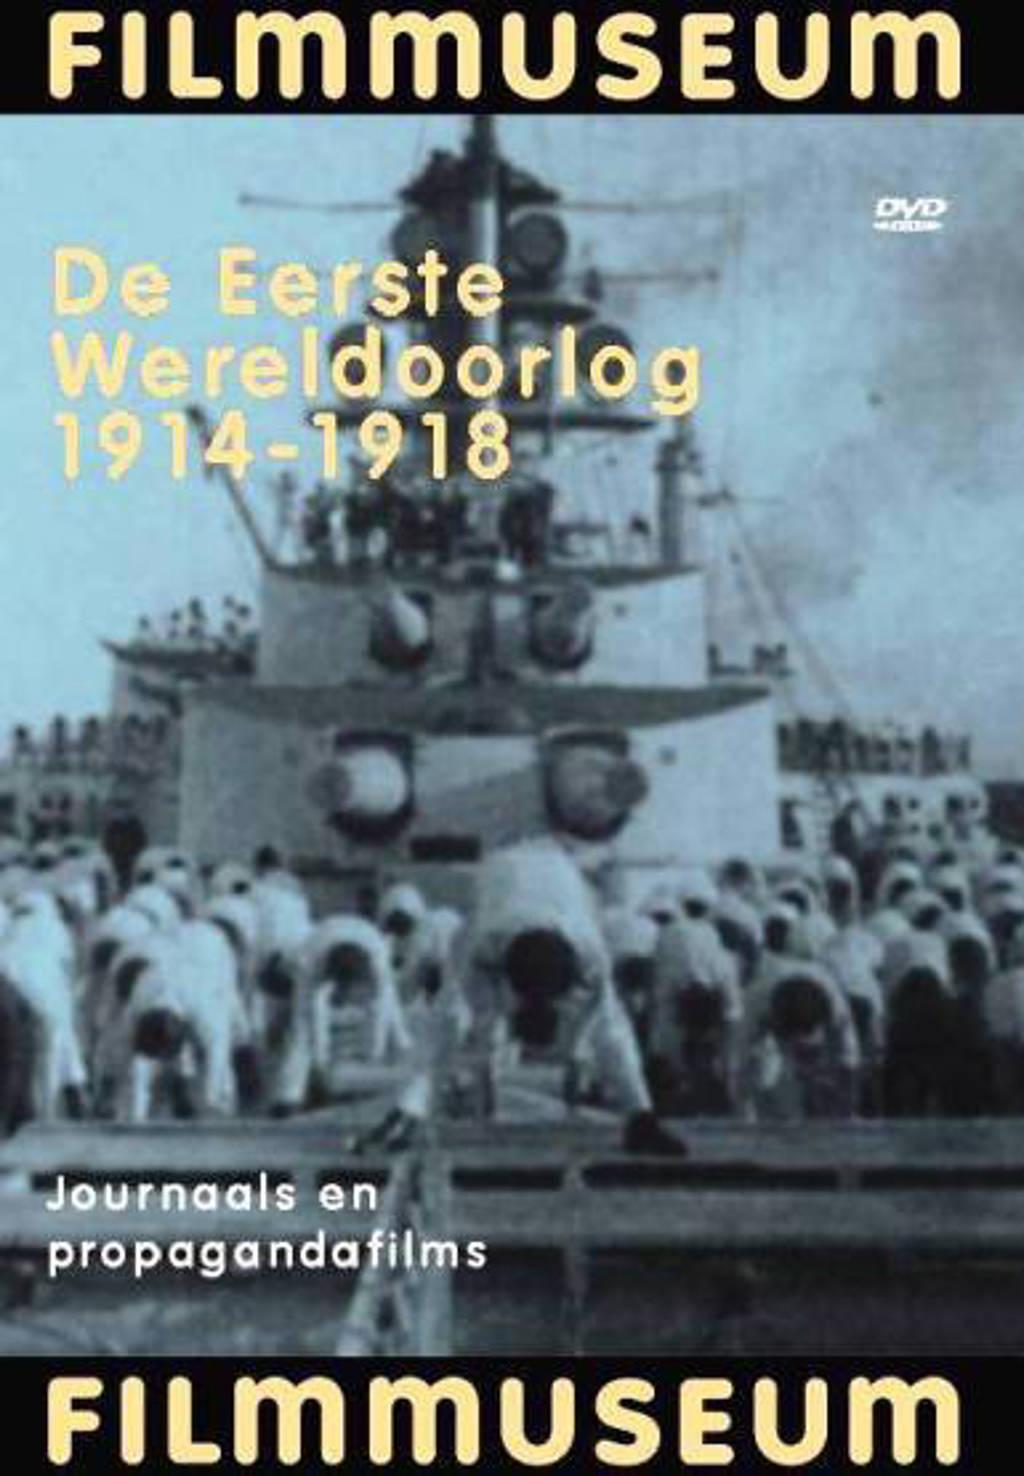 Eerste wereldoorlog 1914-1918 - journaals & propaganda (DVD)